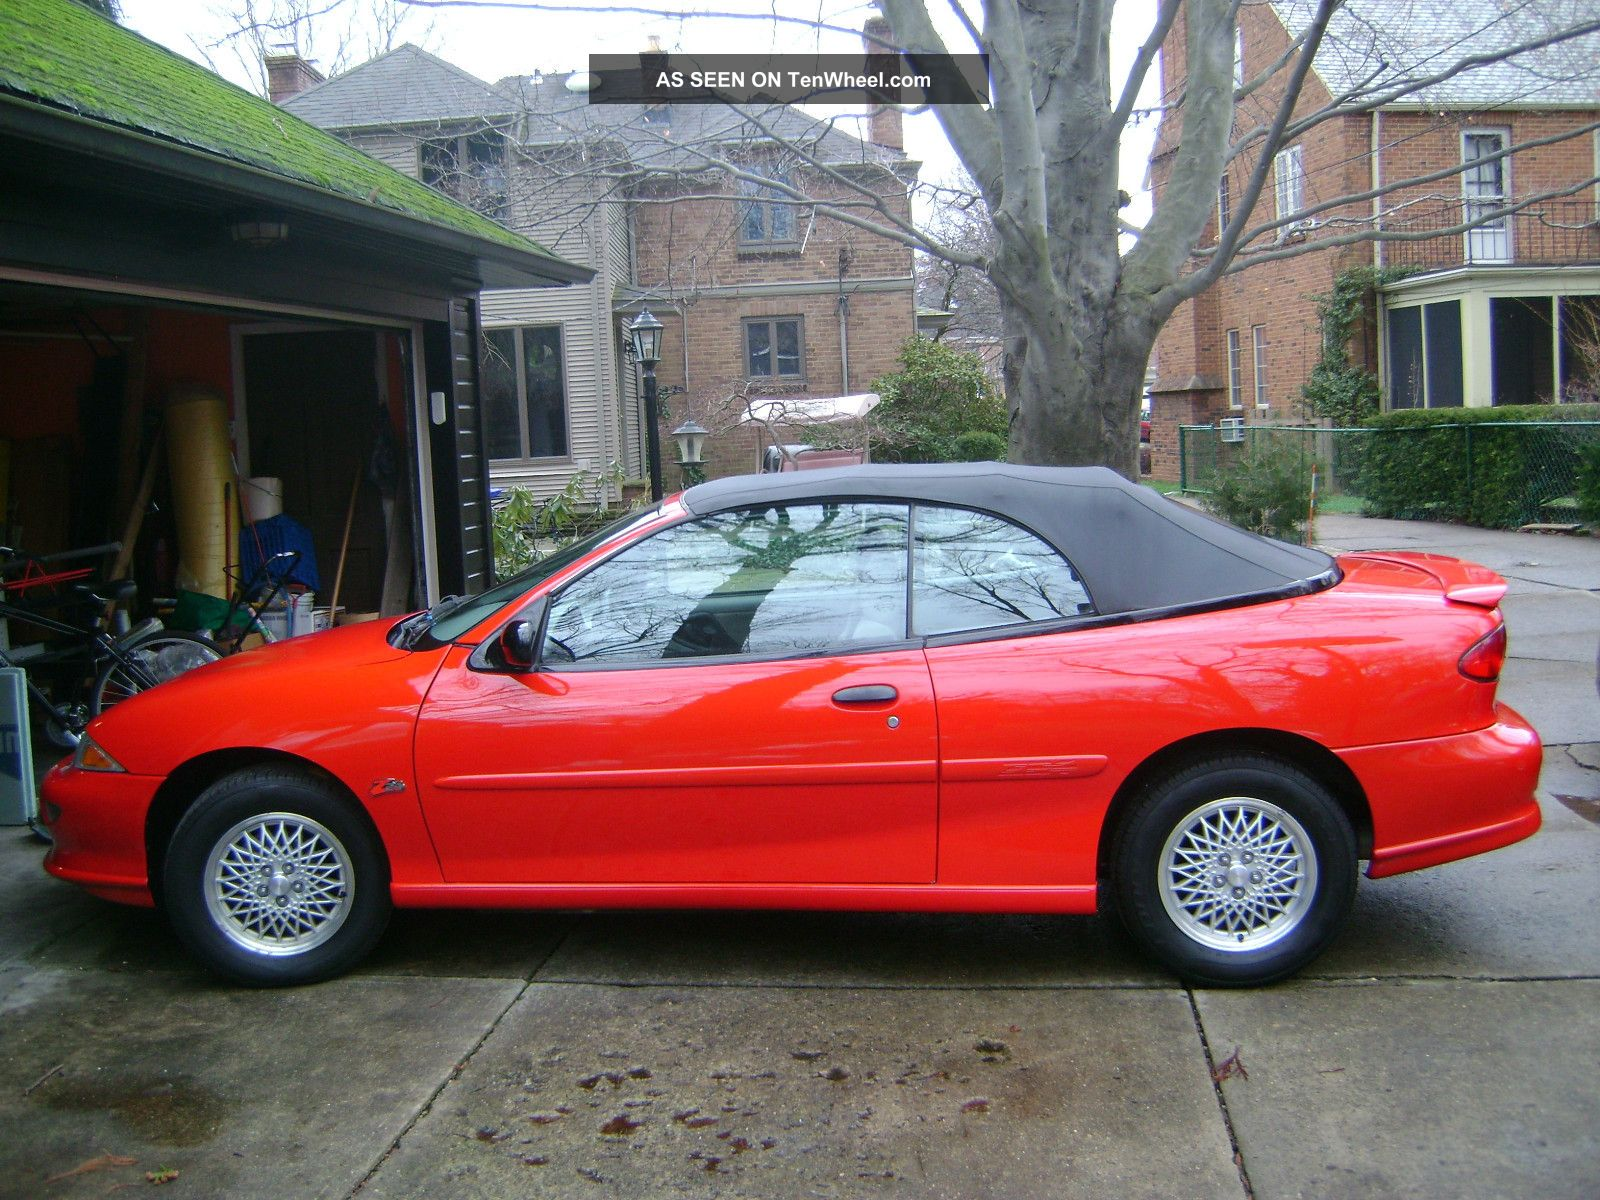 1998 Chevrolet Cavalier Z24 Convertible 2 - Door 2. 4l 50kmi on 1998 chevy blazer trailblazer, 1998 chevy chevette, 1998 chevy silverado, 1998 chevy impala ls, 1998 chevy suburban, 1998 chevy impala ltz, 1998 chevy corsica, 1998 chevy lumina ltz, 1998 chevy cheyenne, 1998 chevy el camino, 1989 chevy z24, 1998 chevy chevelle ss, 1996 chevy z24, 1998 chevy lumina sedan, 1998 chevy equinox, 1998 chevy avalanche, 1998 chevy prizm, 1998 chevy camaro,